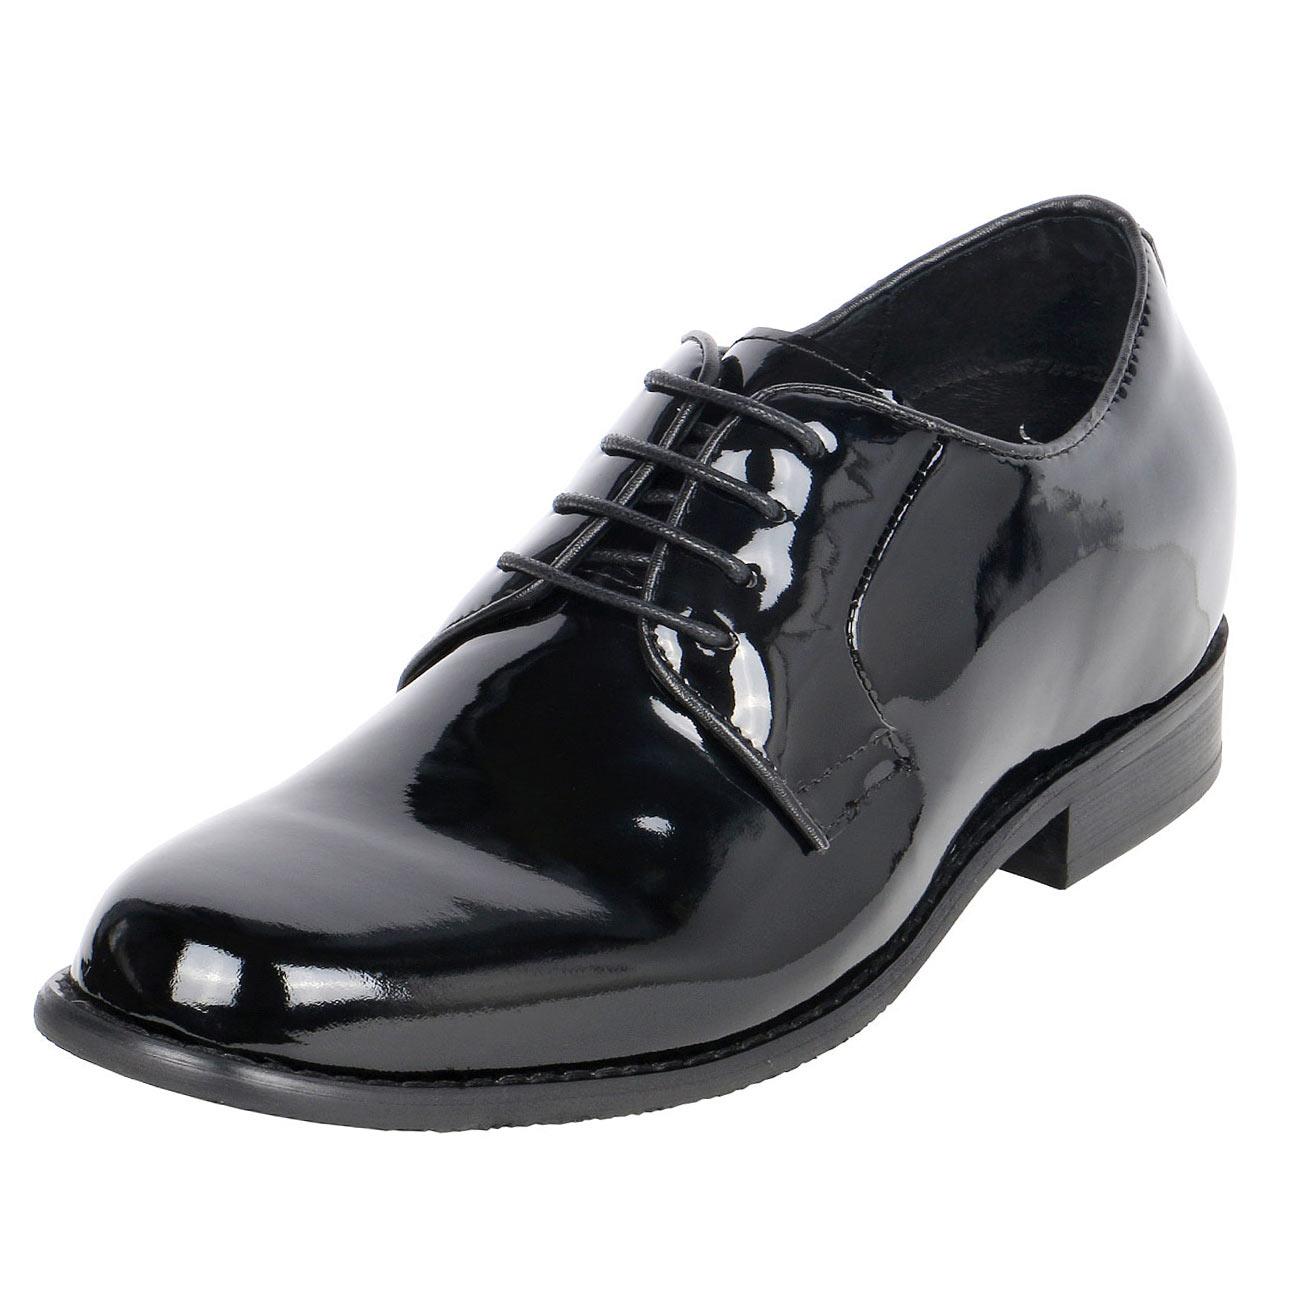 High Gloss Men's Uniform Height Increasing Dress Shoes 3